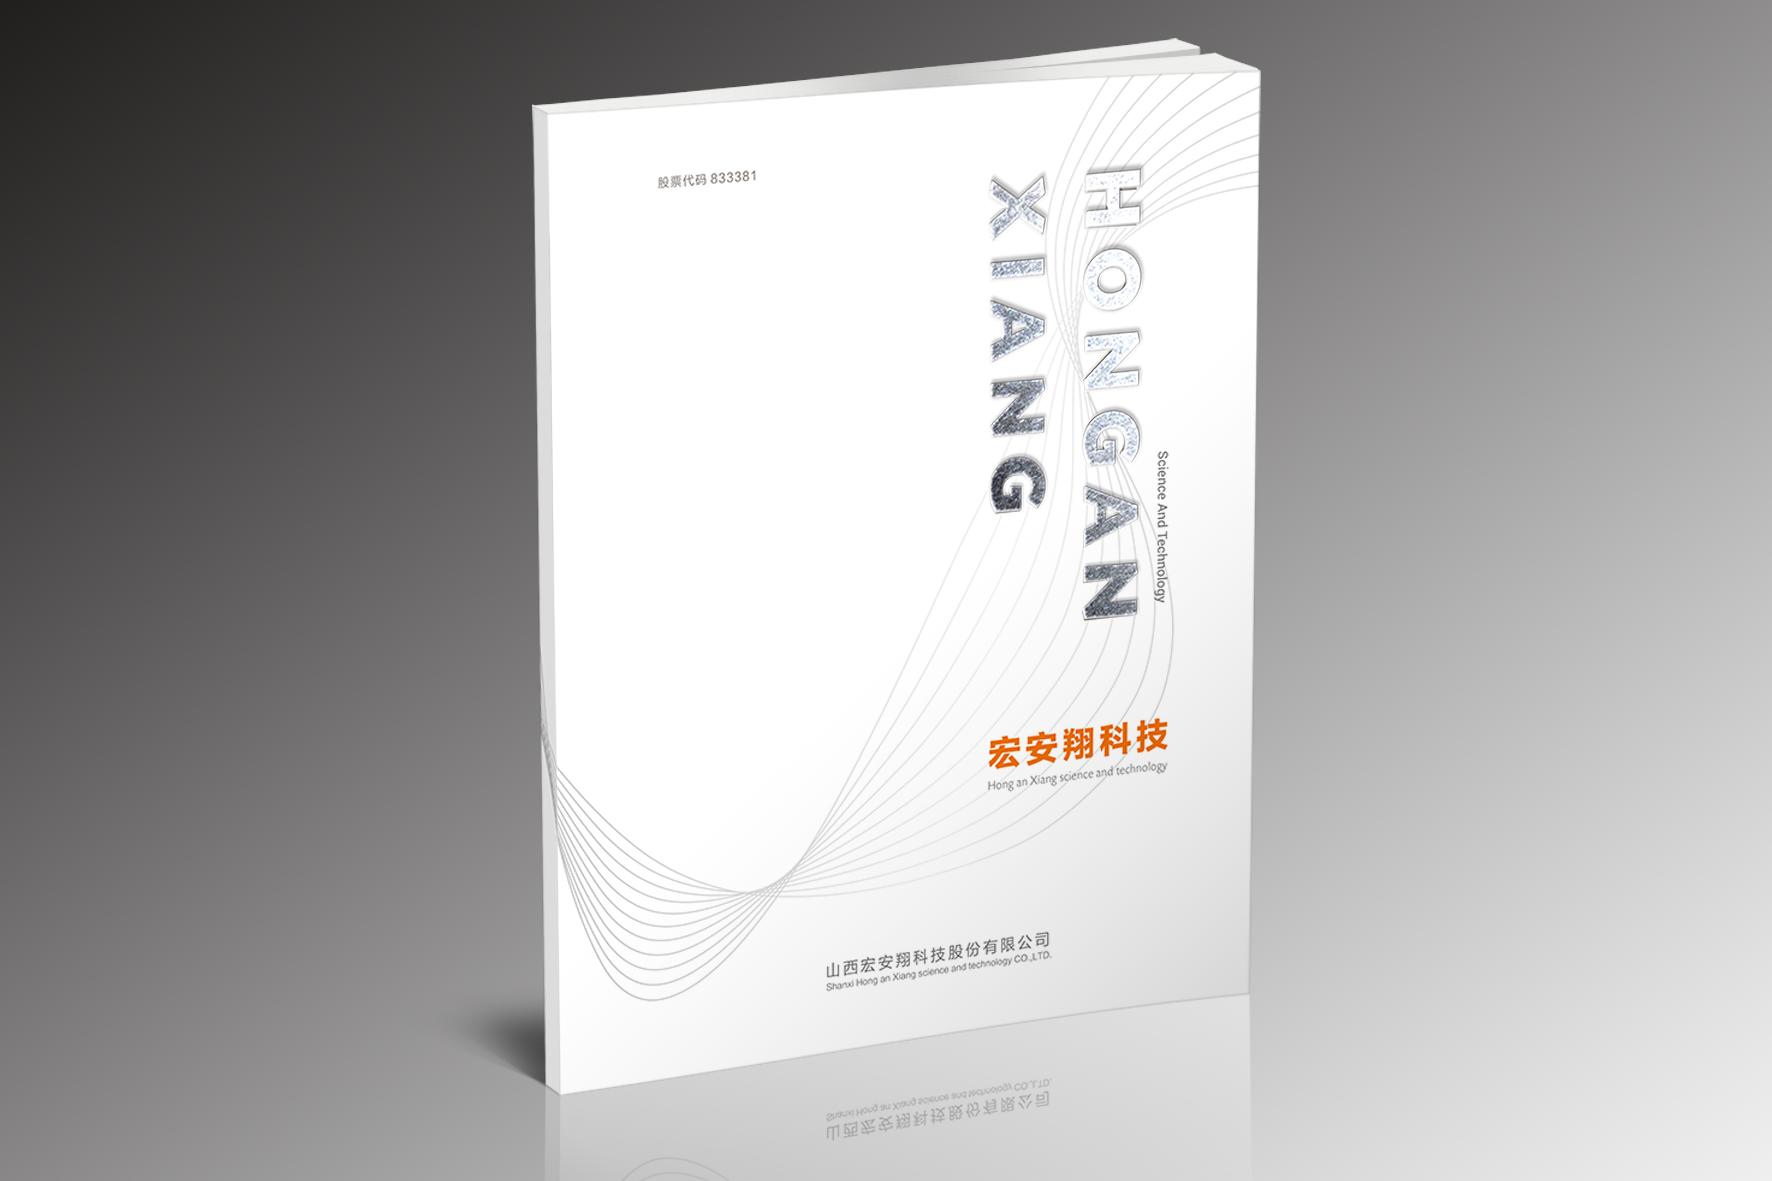 山西宏安翔科技股份有限公司